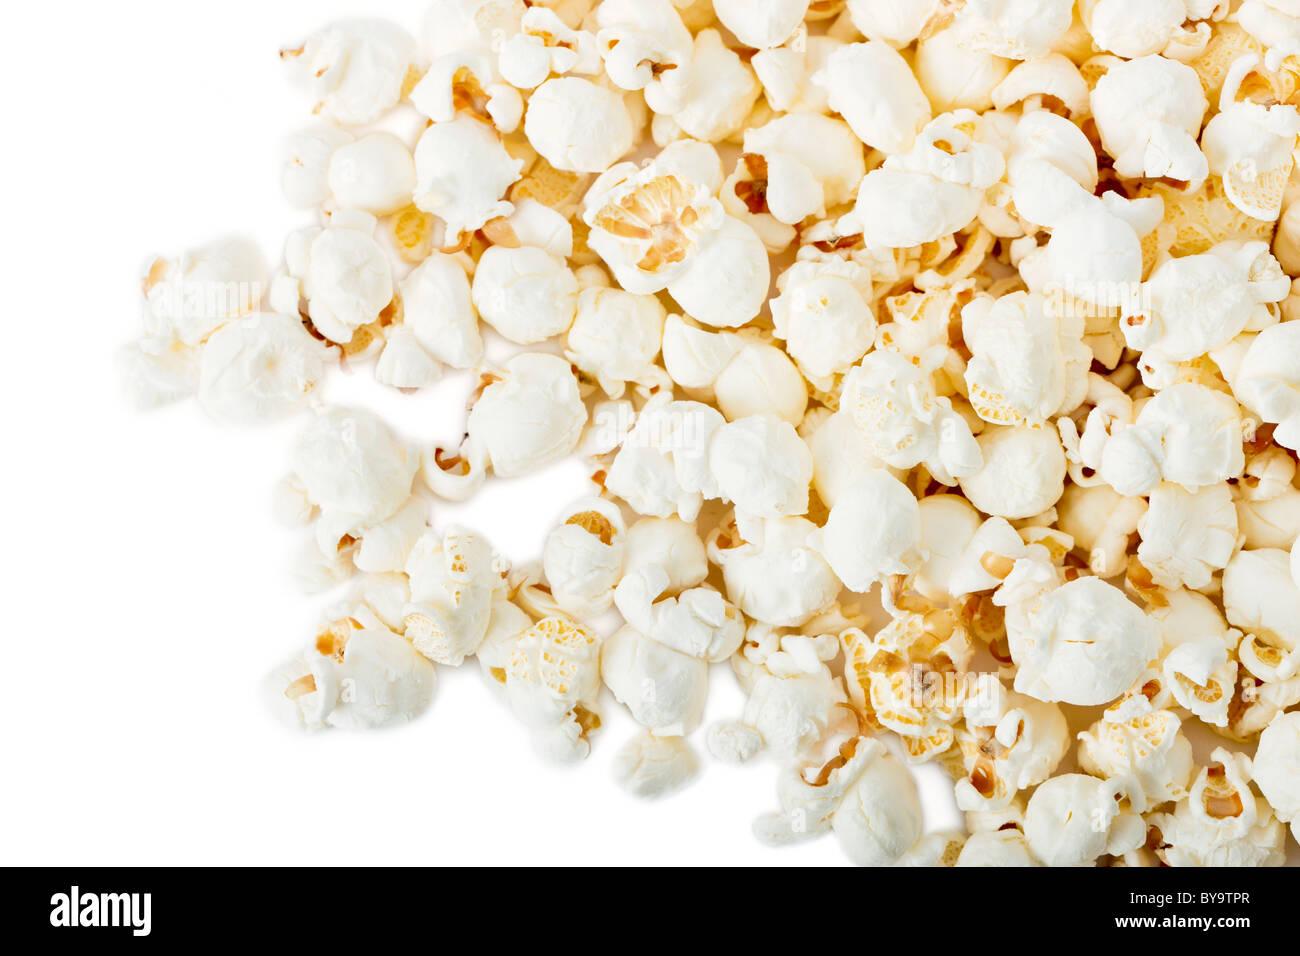 Popcorn isolated on white - Stock Image